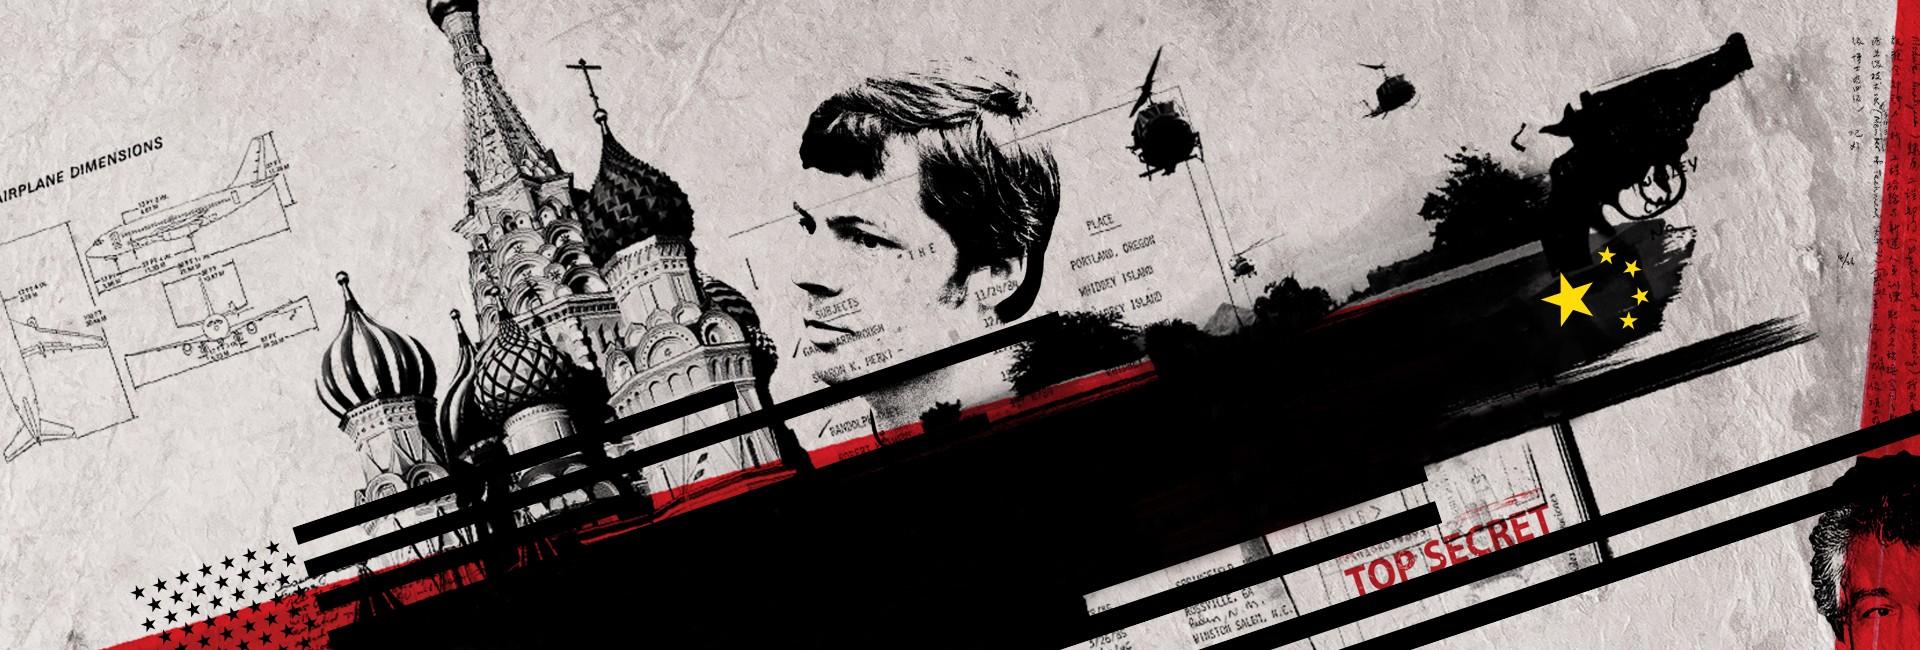 Odtajněno: Příběhy amerických špiónů